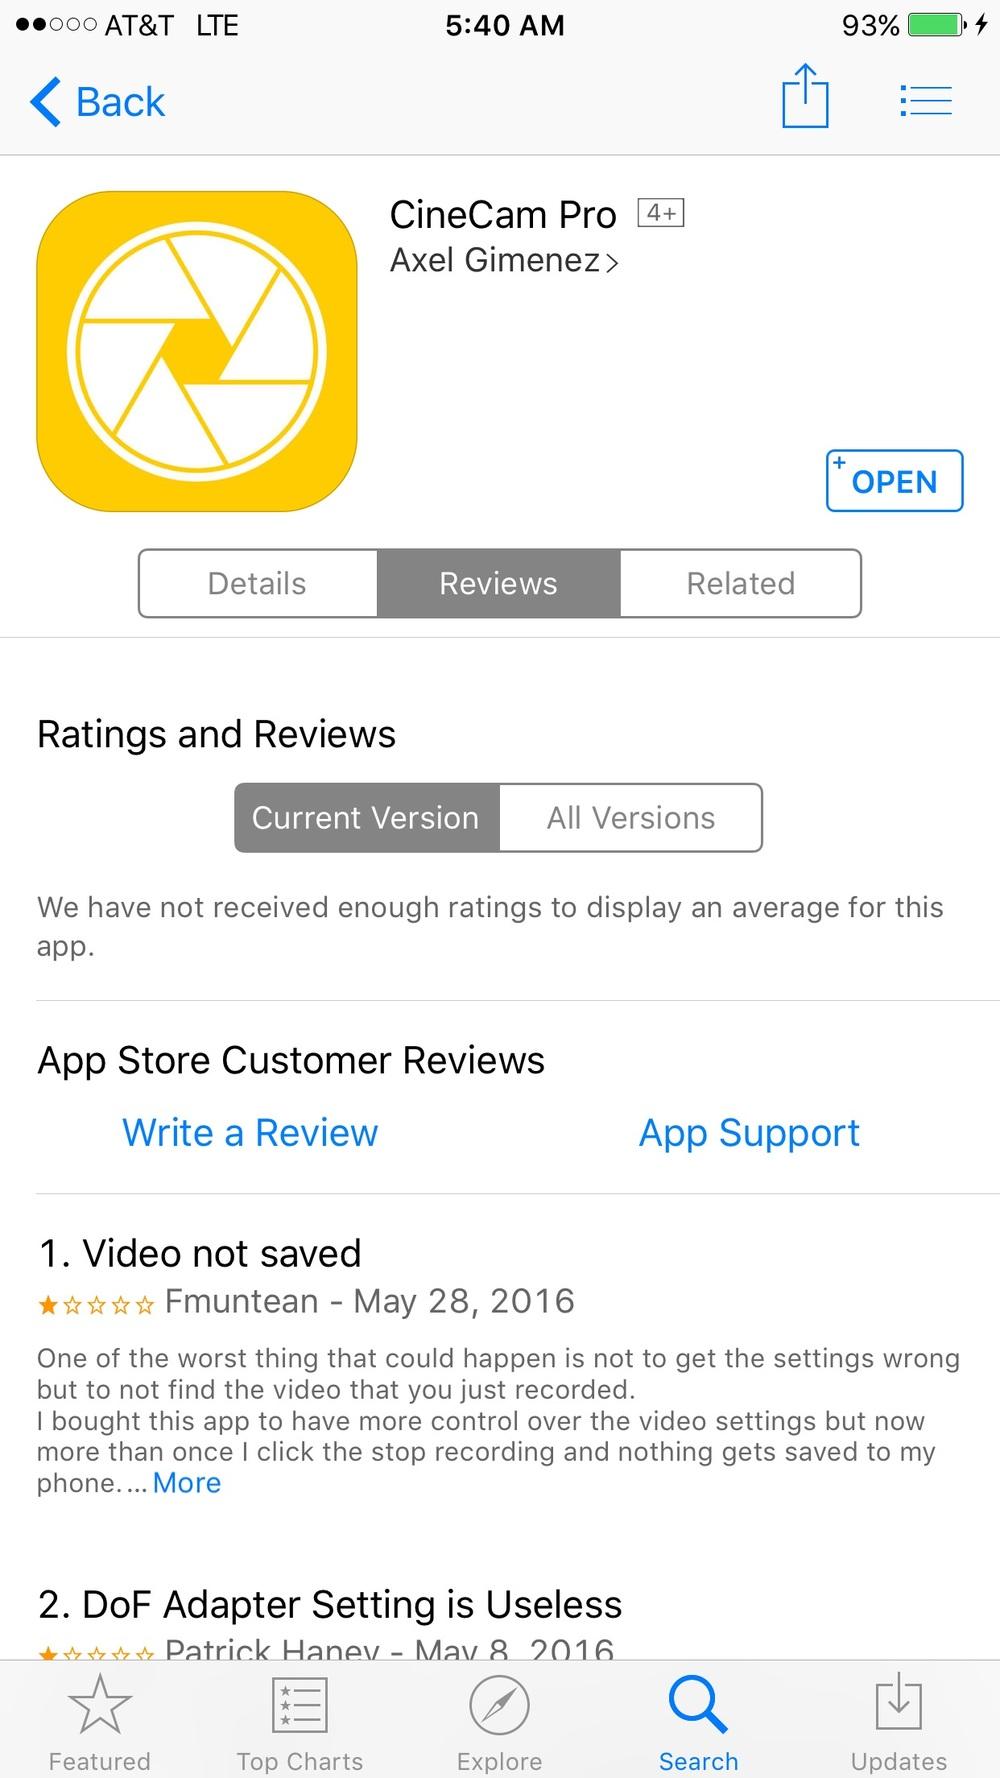 Cinecampro iOS app